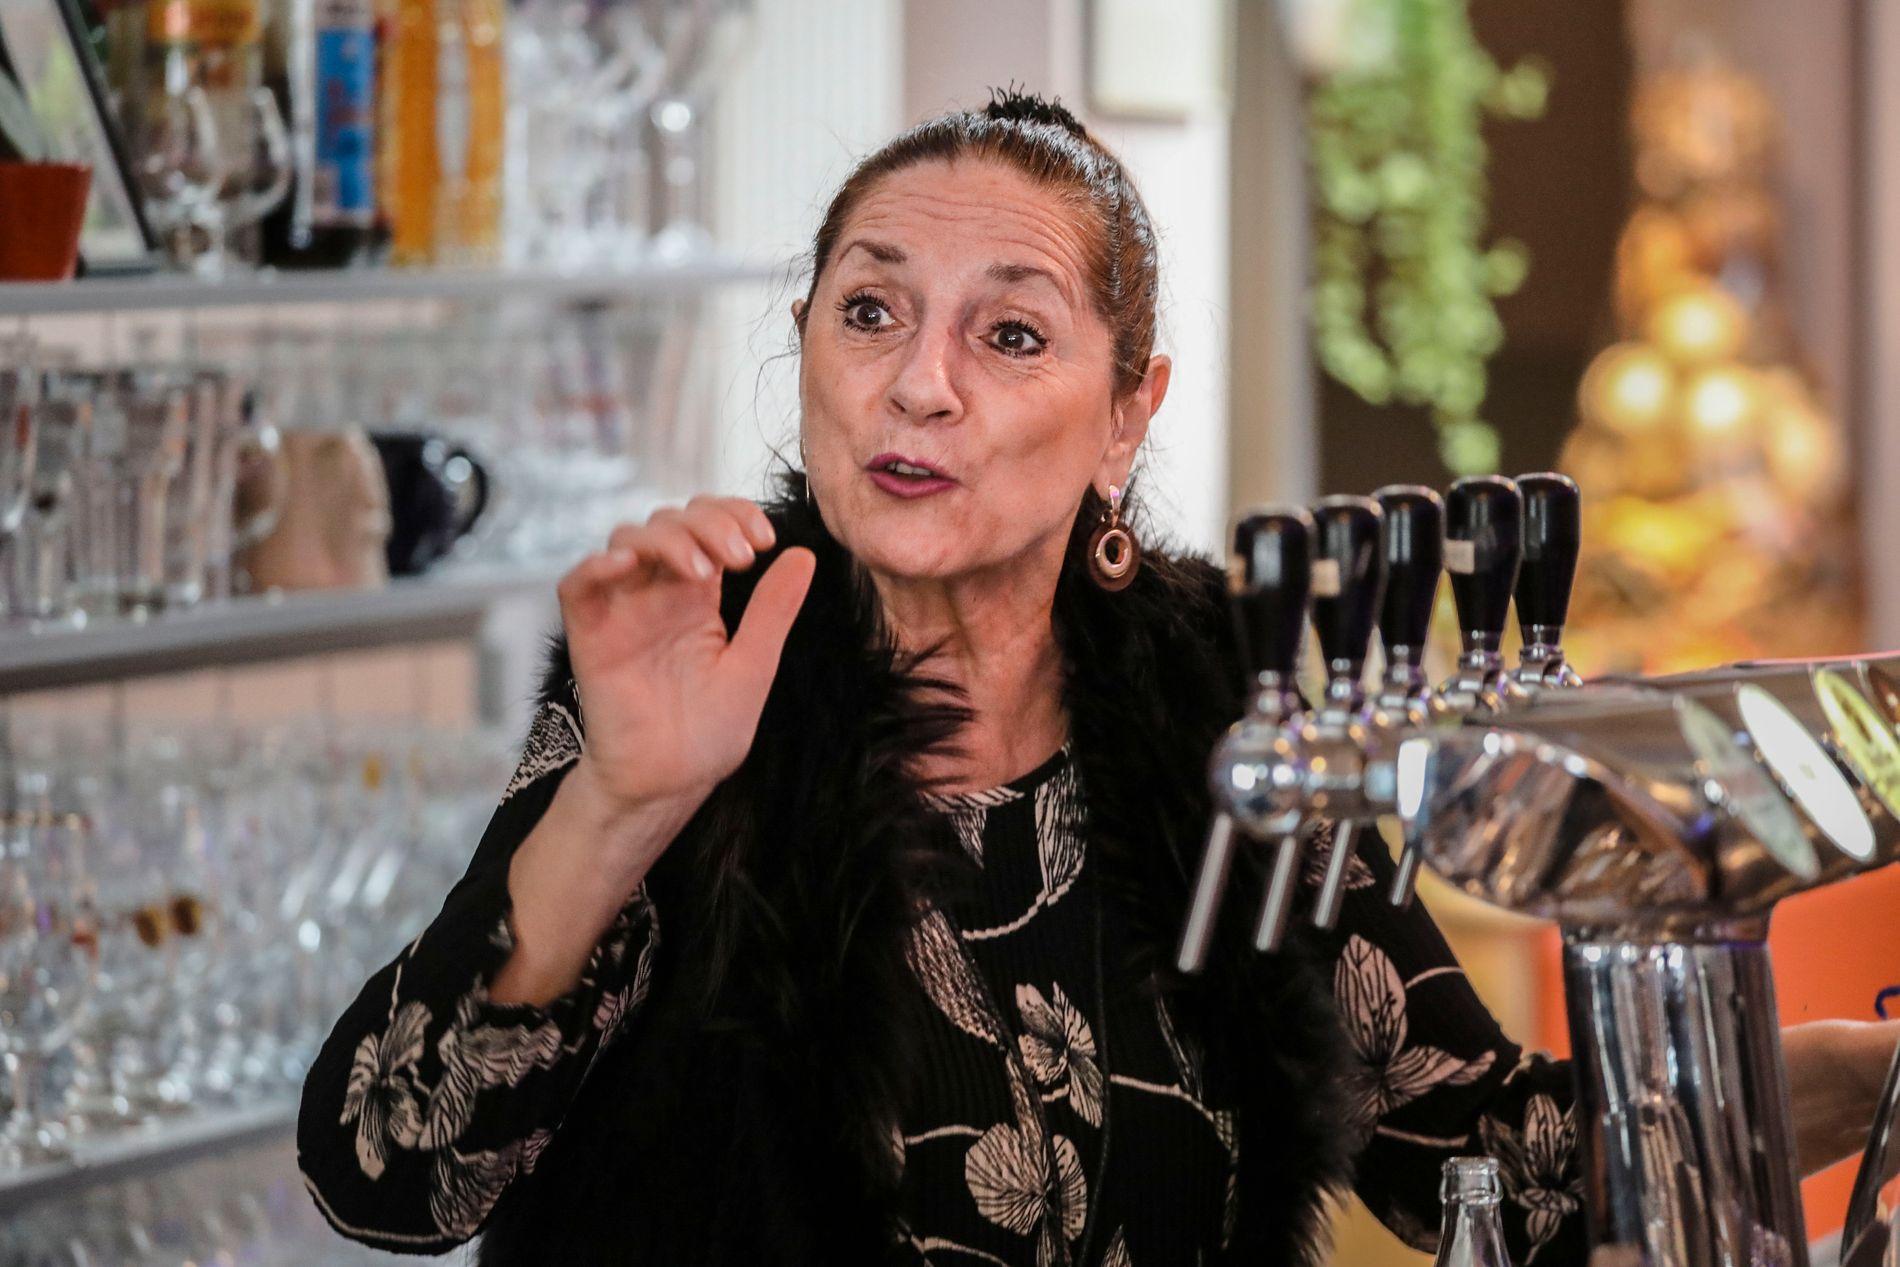 SJOKKERT: Anny Sangulin eier og driver baren Graaf van Egmont som ligger midt i en fasjonabel handlegate i den belgiske byen Mechelen.